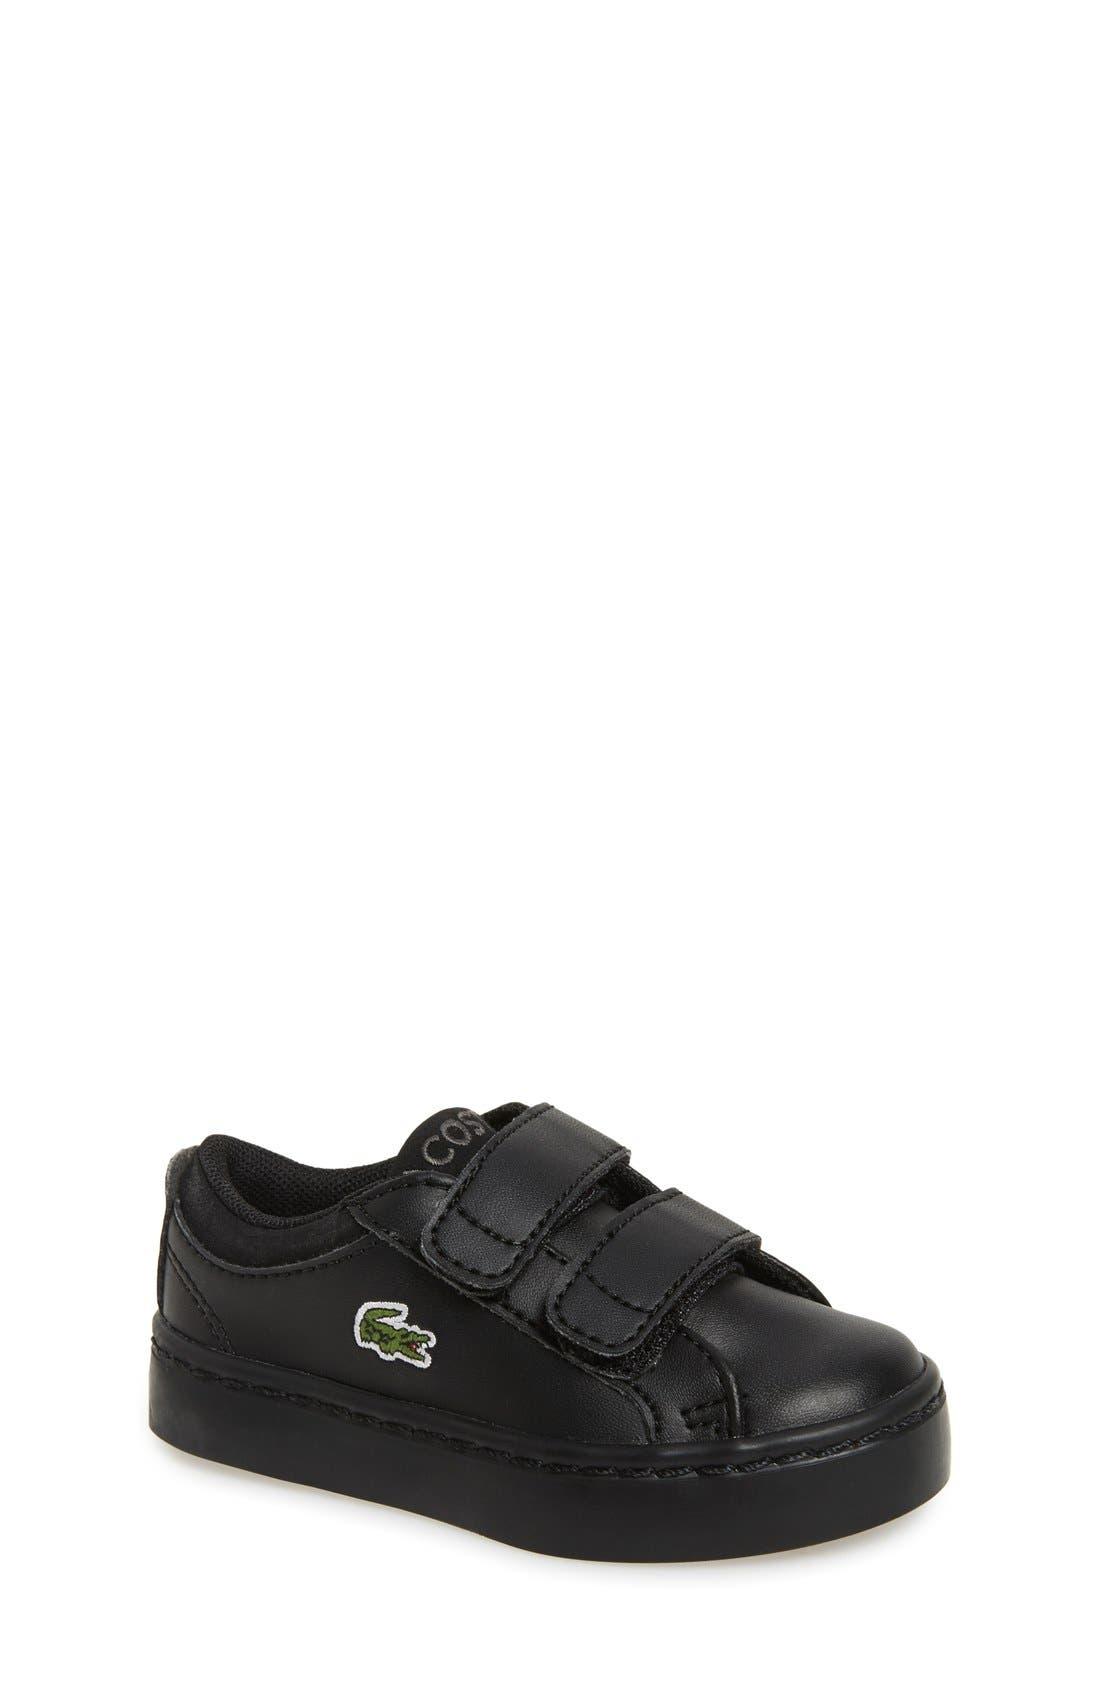 Lacoste 'Straightset' Sneaker (Baby, Walker & Toddler)